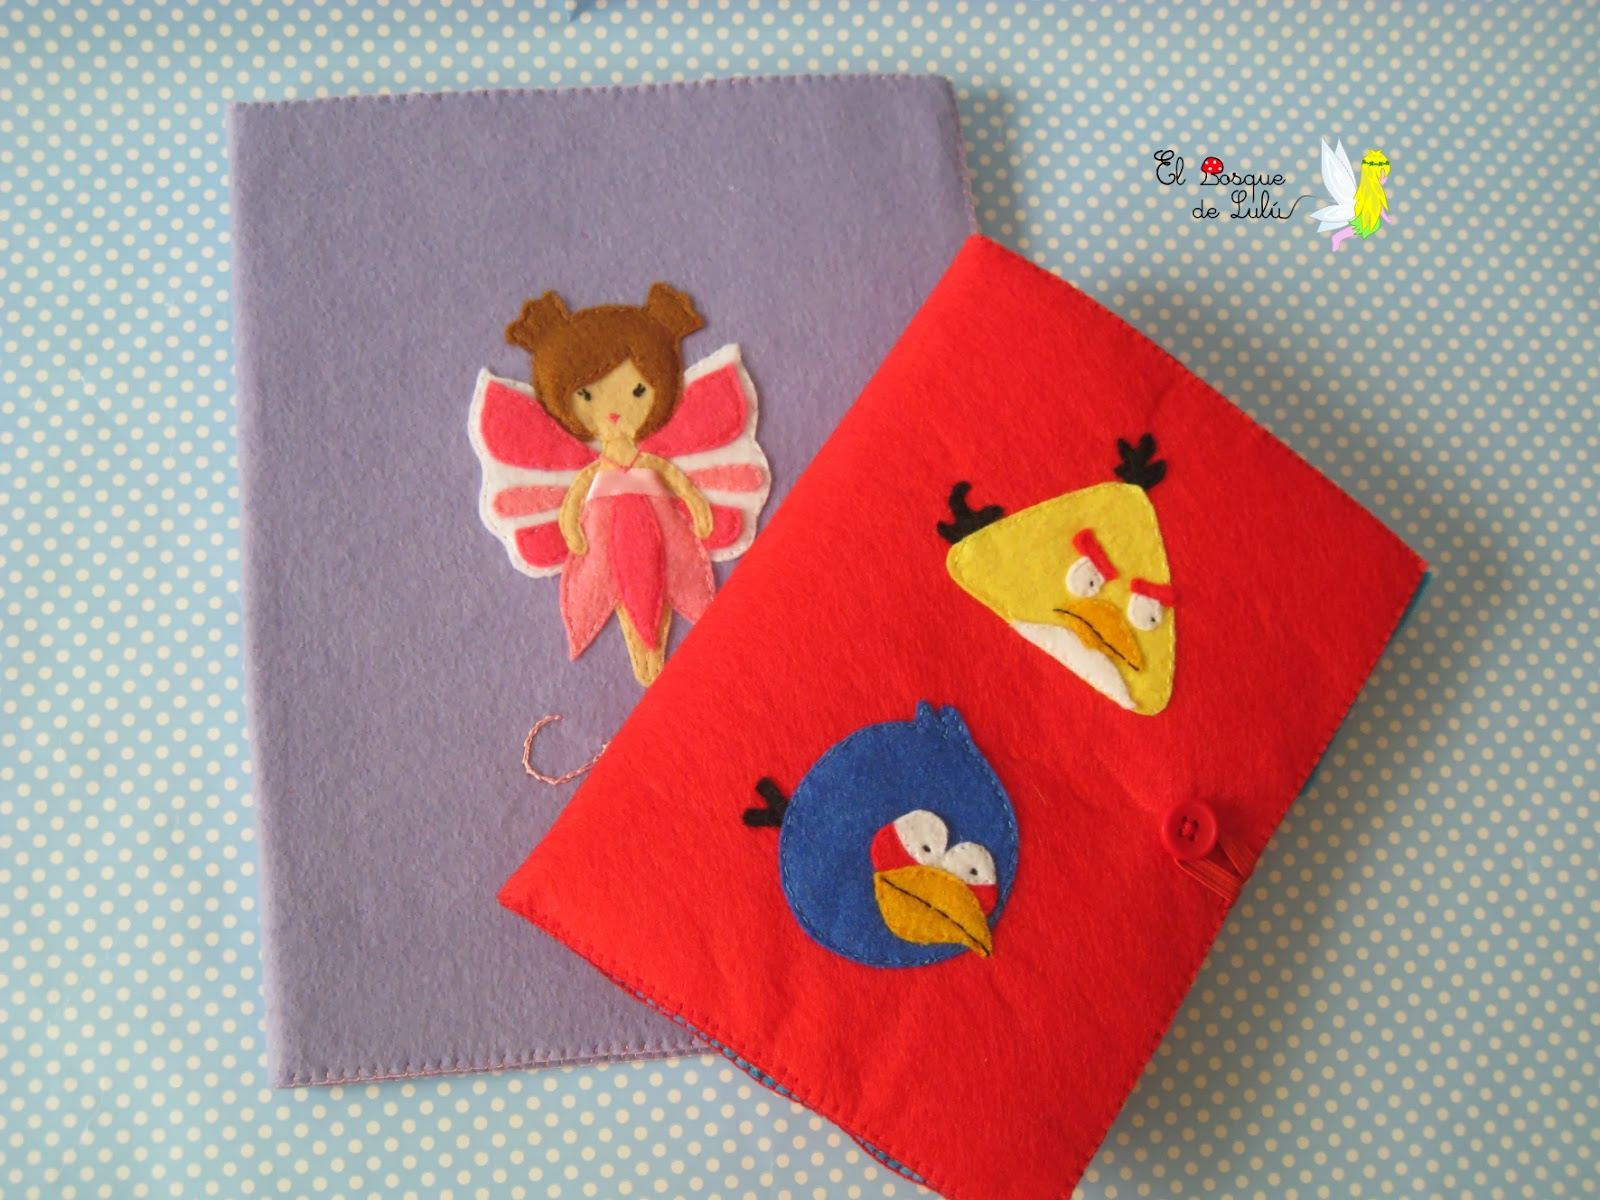 funda-tablet-infantil-fieltro-pinturas-estuche-angry-birds-personalizado